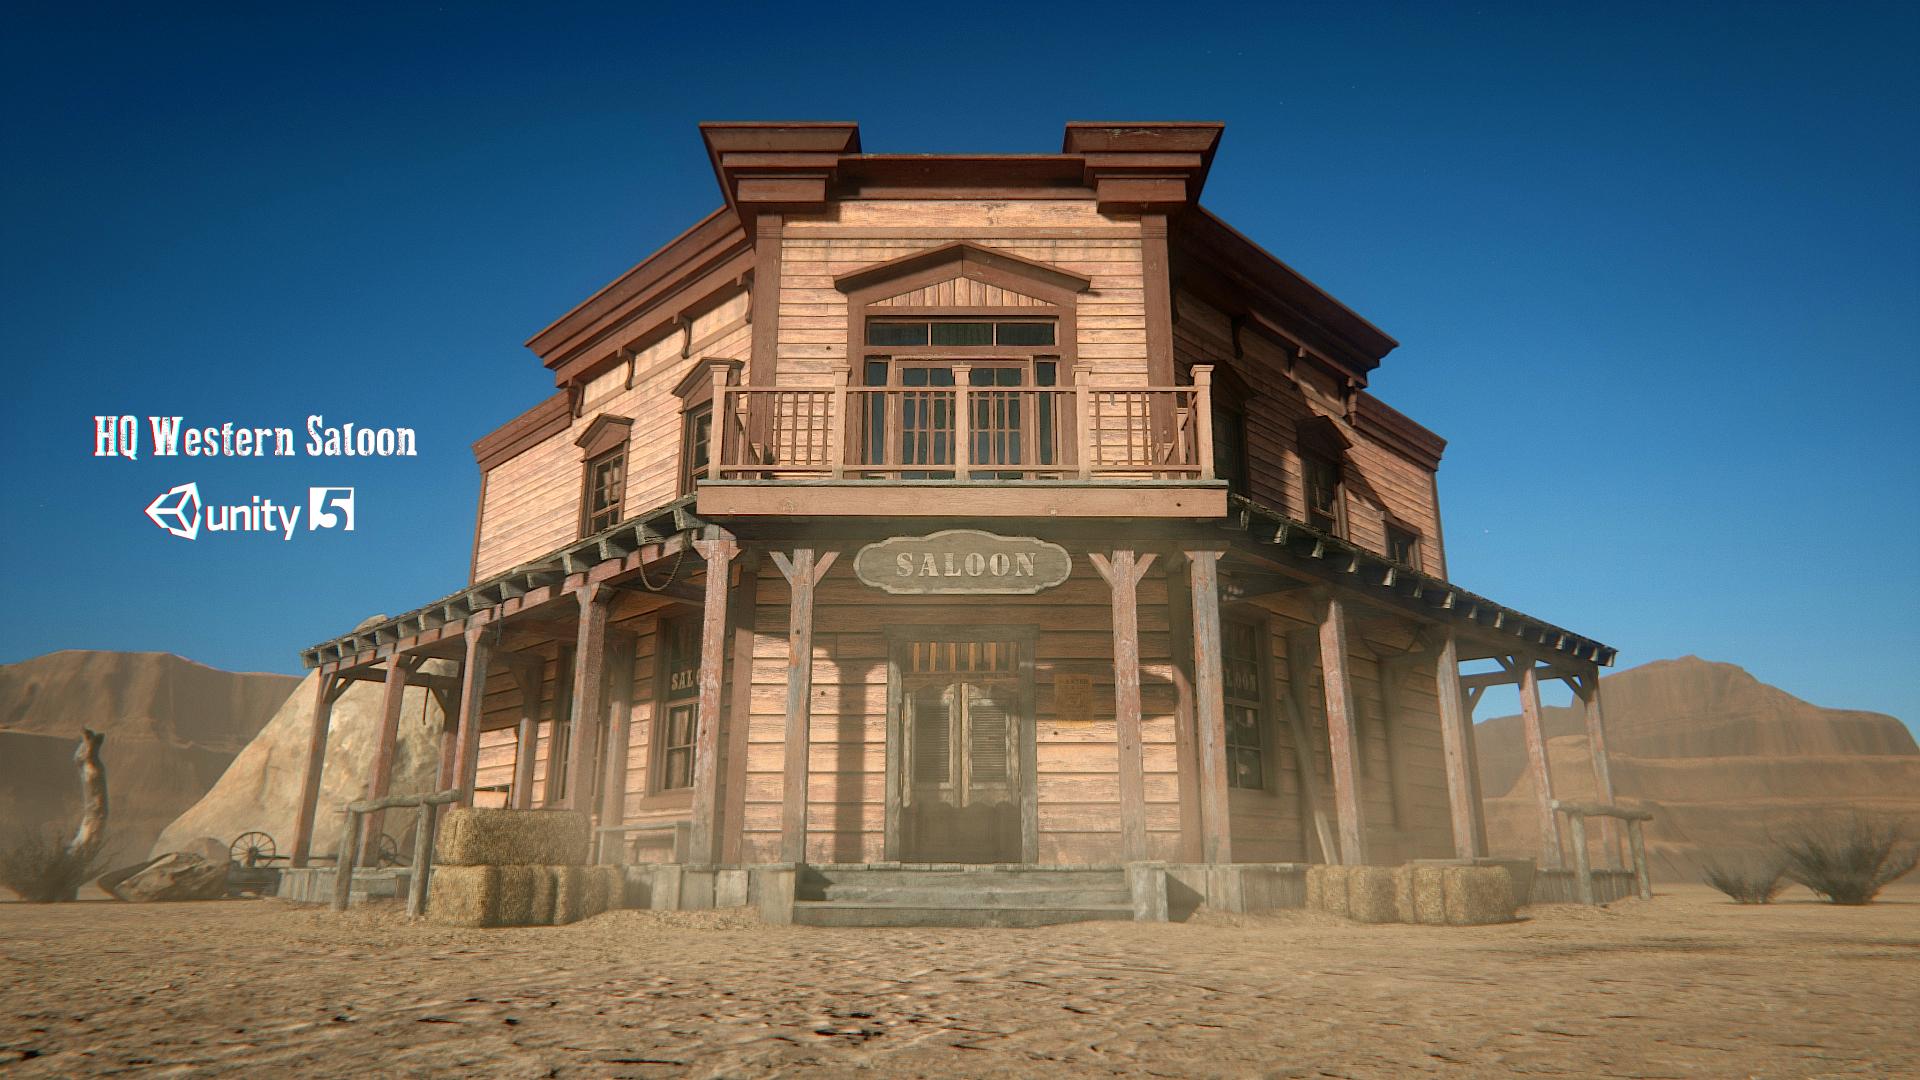 HQ Western Saloon